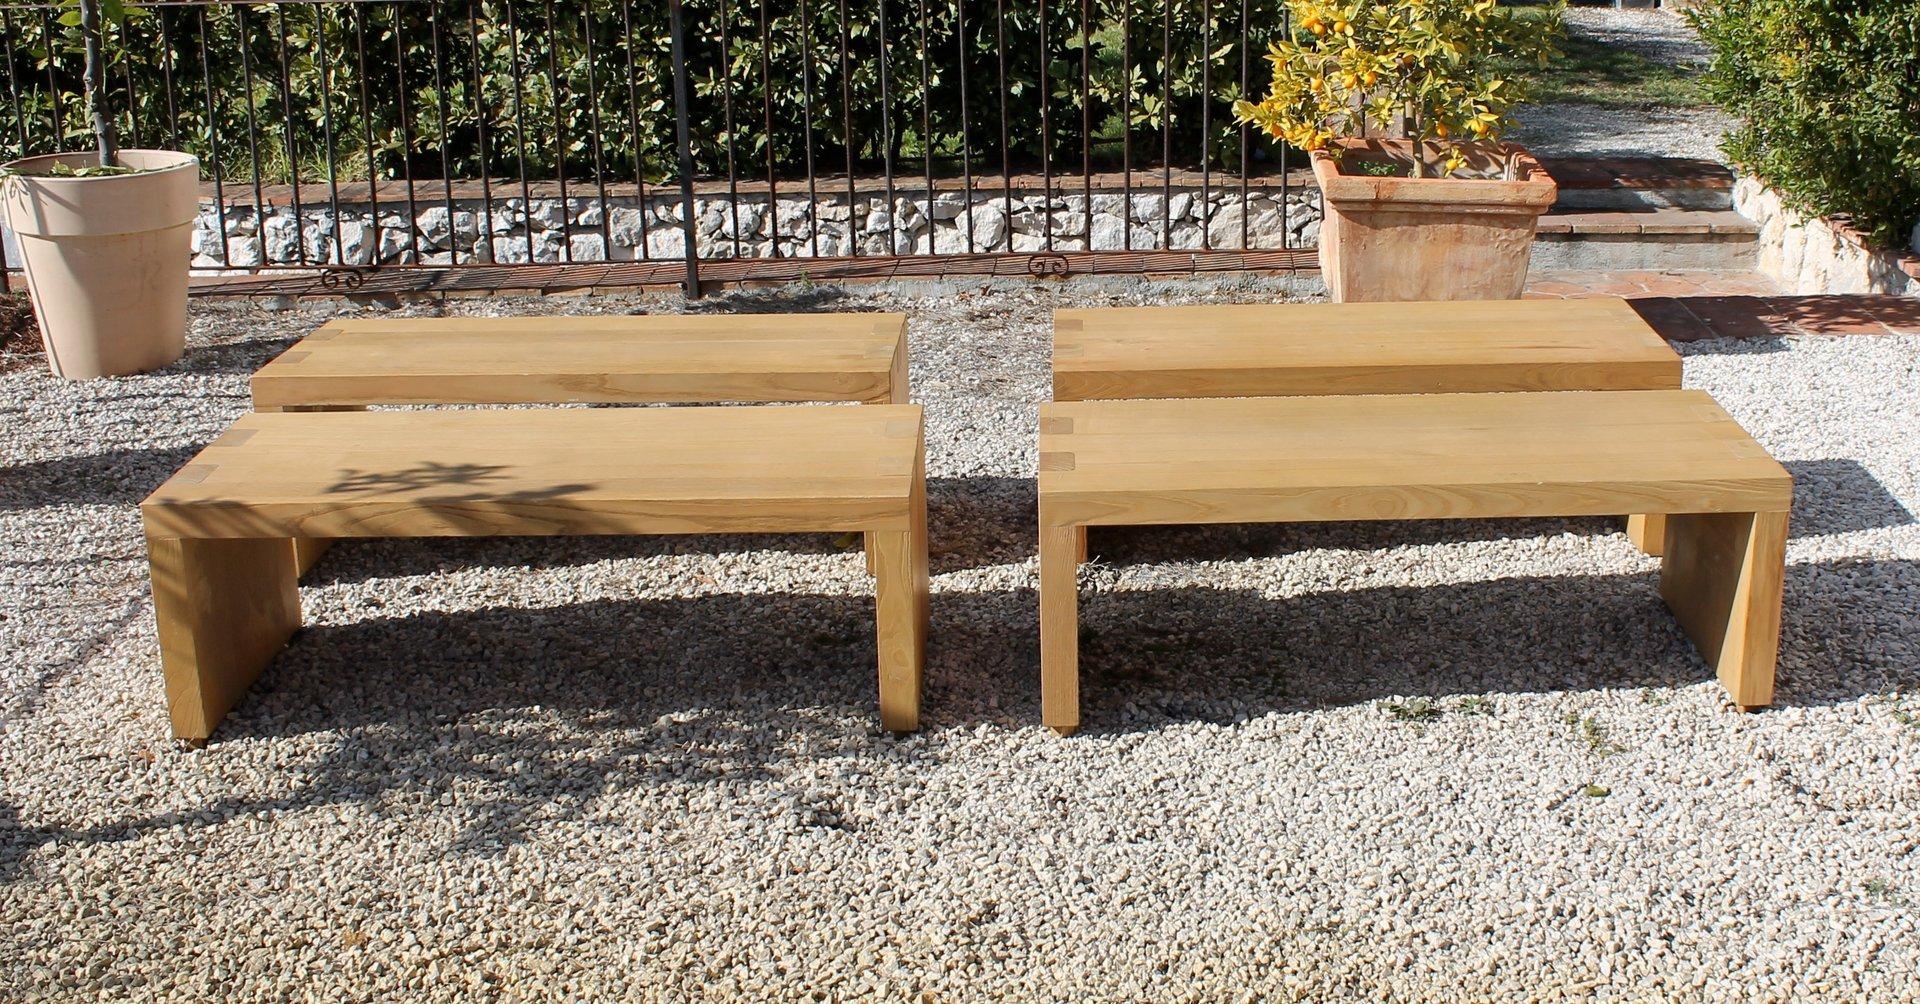 gro er italienischer eichenholz esstisch mit vier sitzb nken 1970er bei pamono kaufen. Black Bedroom Furniture Sets. Home Design Ideas